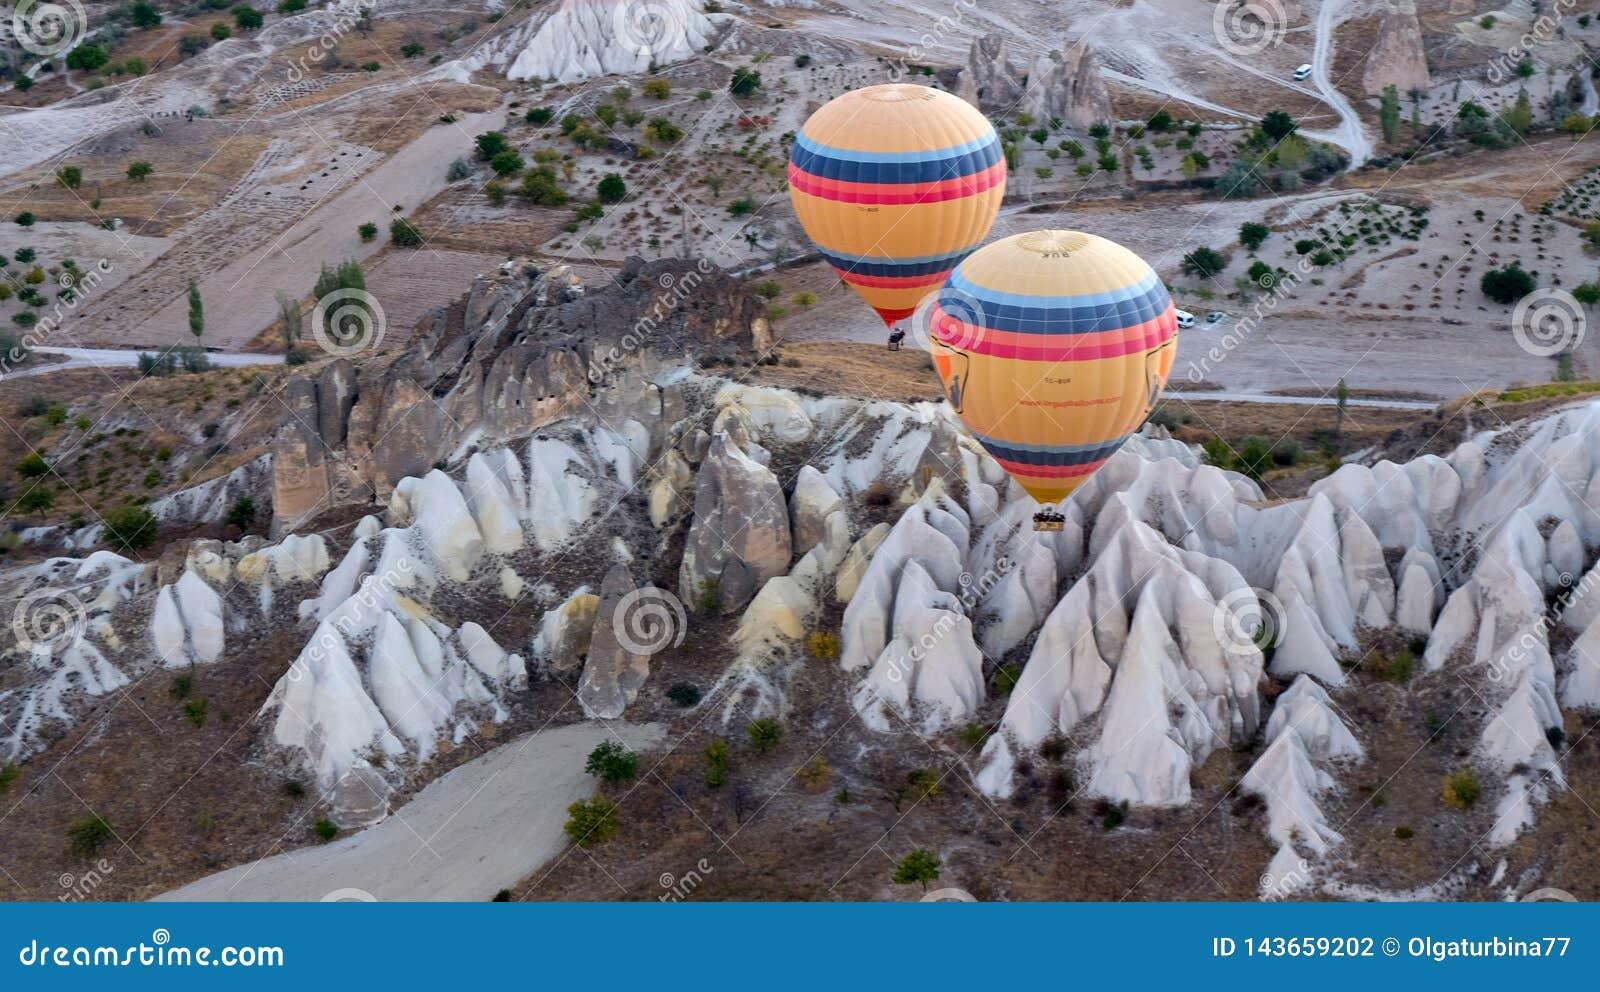 Μπαλόνια ζεστού αέρα που αιωρούνται πέρα από την ηφαιστειακή κοιλάδα Μουσείο διαβίωσης, Cappadocia, Τουρκία, φθινόπωρο